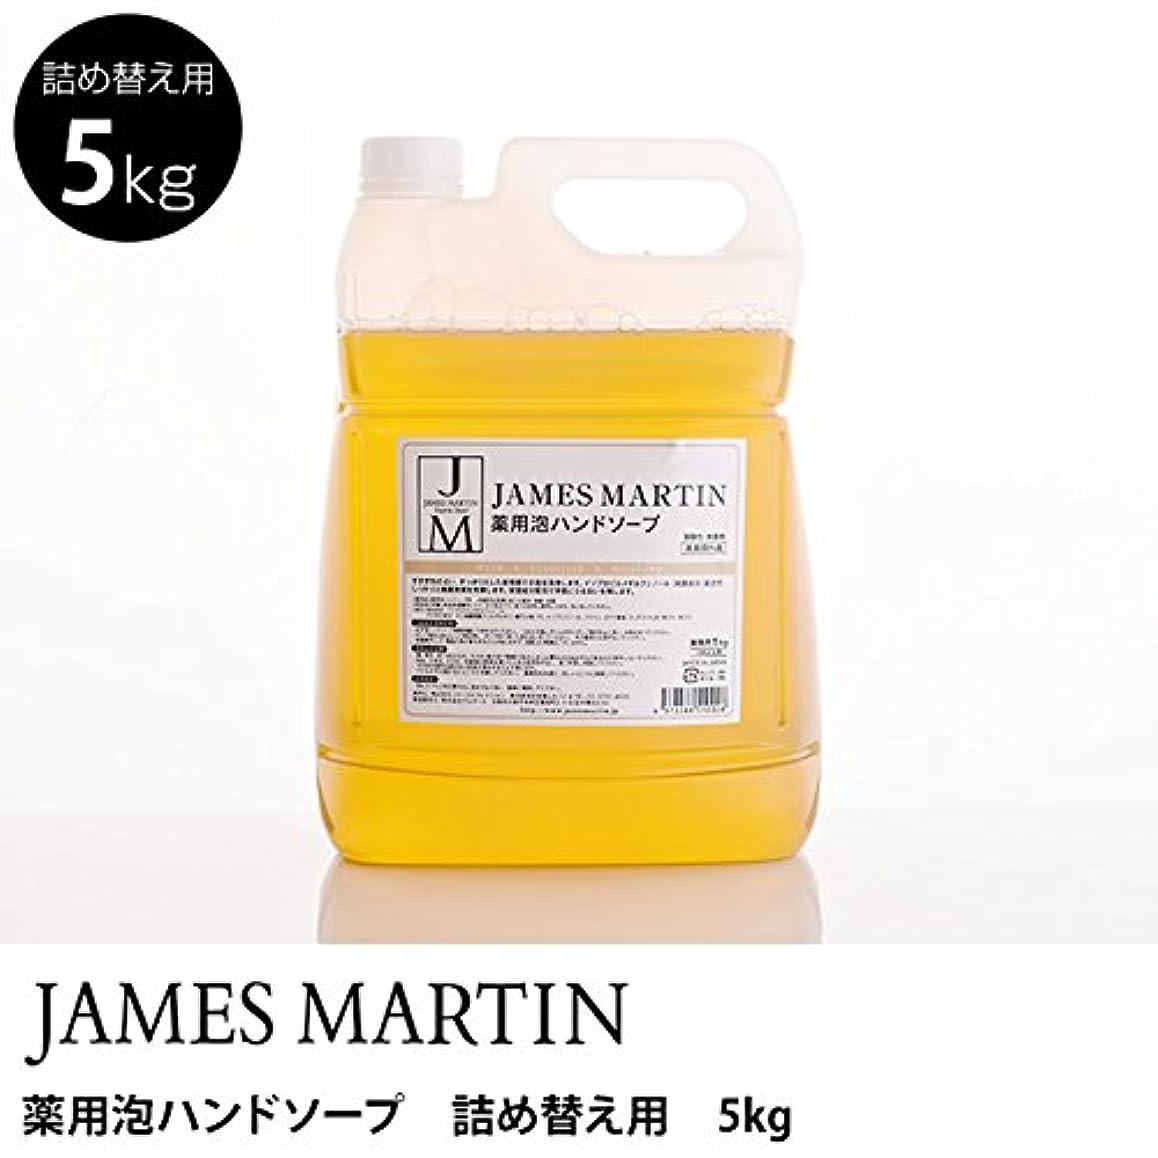 年特異な内部ジェームズマーティン 薬用泡ハンドソープ(無香料) 詰替用 5kg